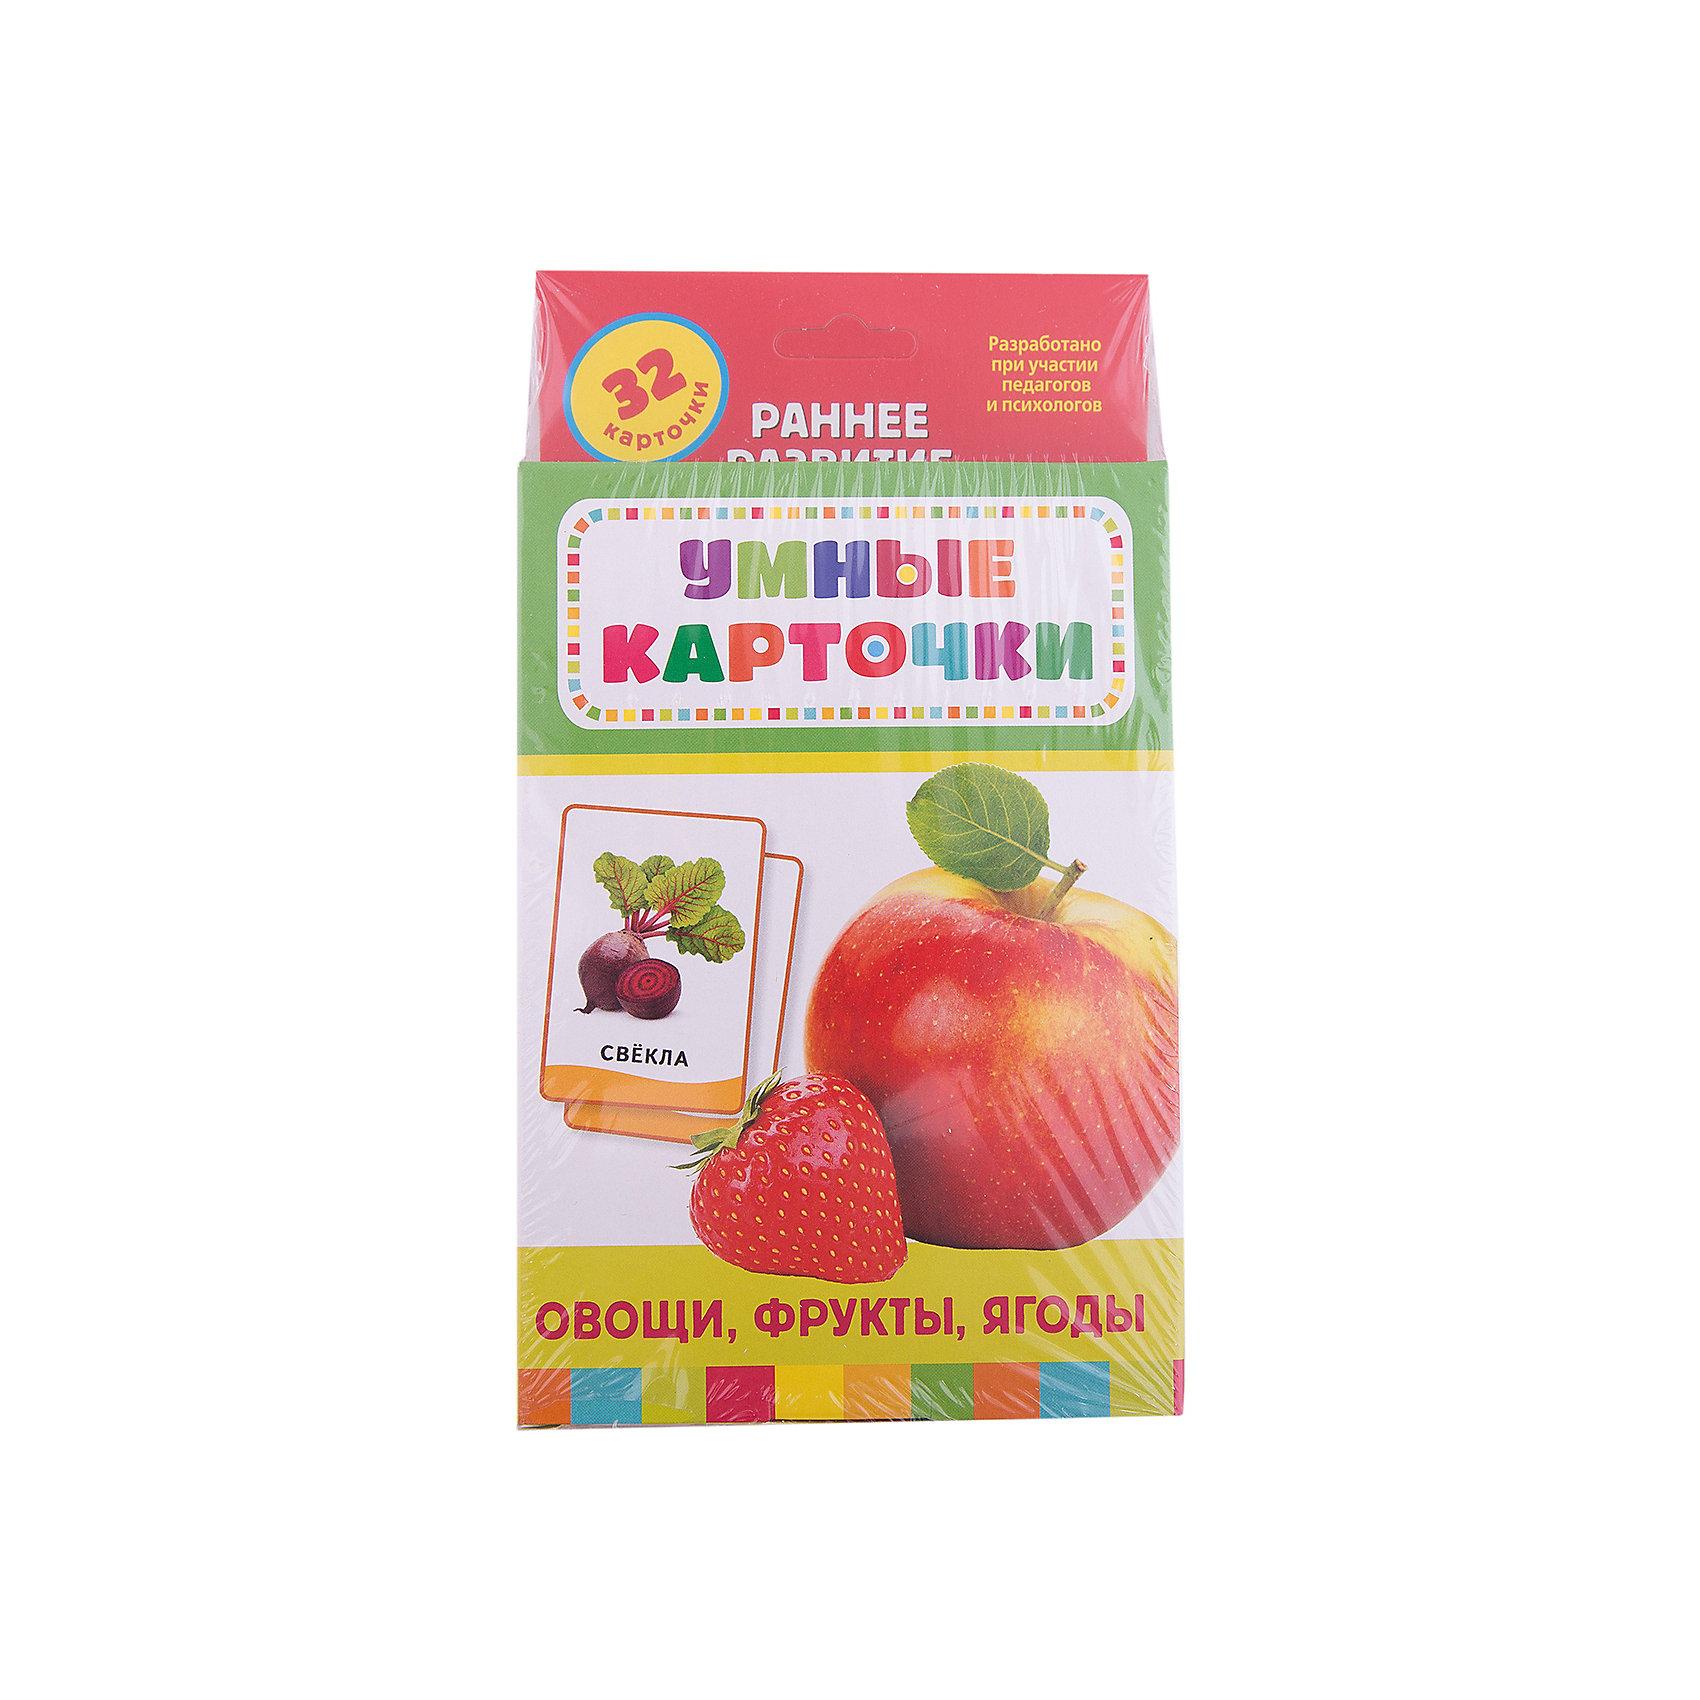 Росмэн Развивающие карточки Овощи, фрукты, ягоды, Умные карточки